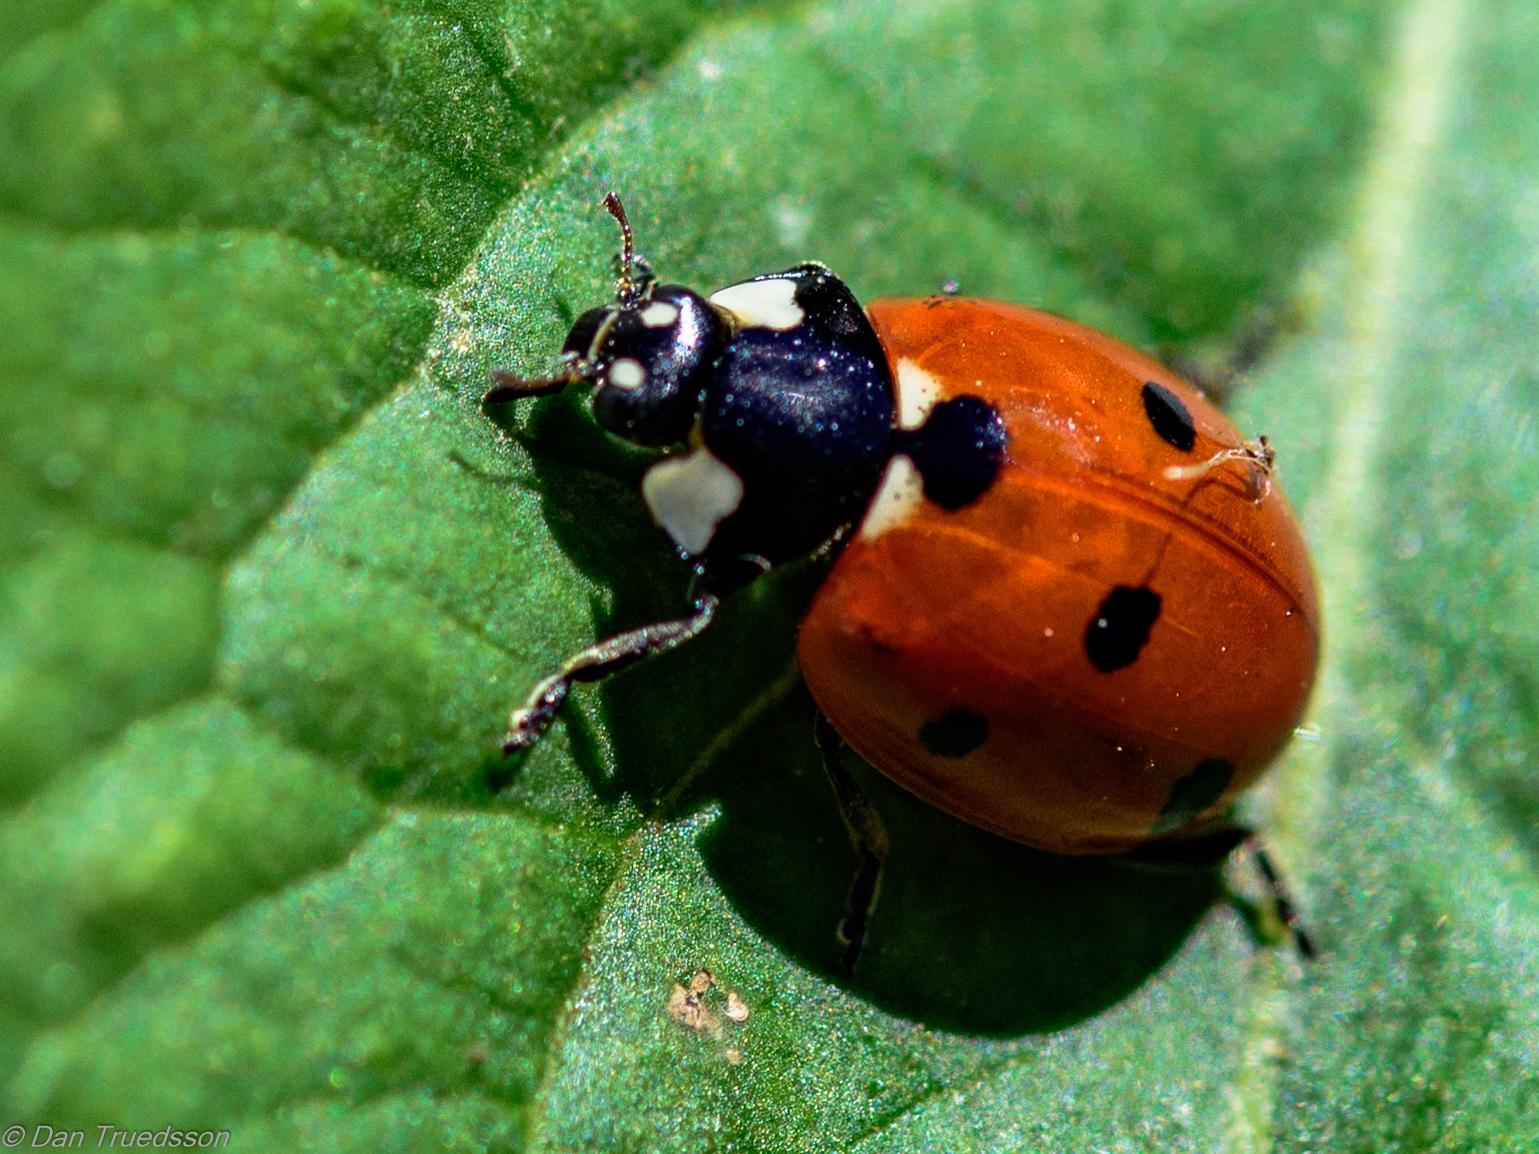 Ladybird by Dan Truedsson